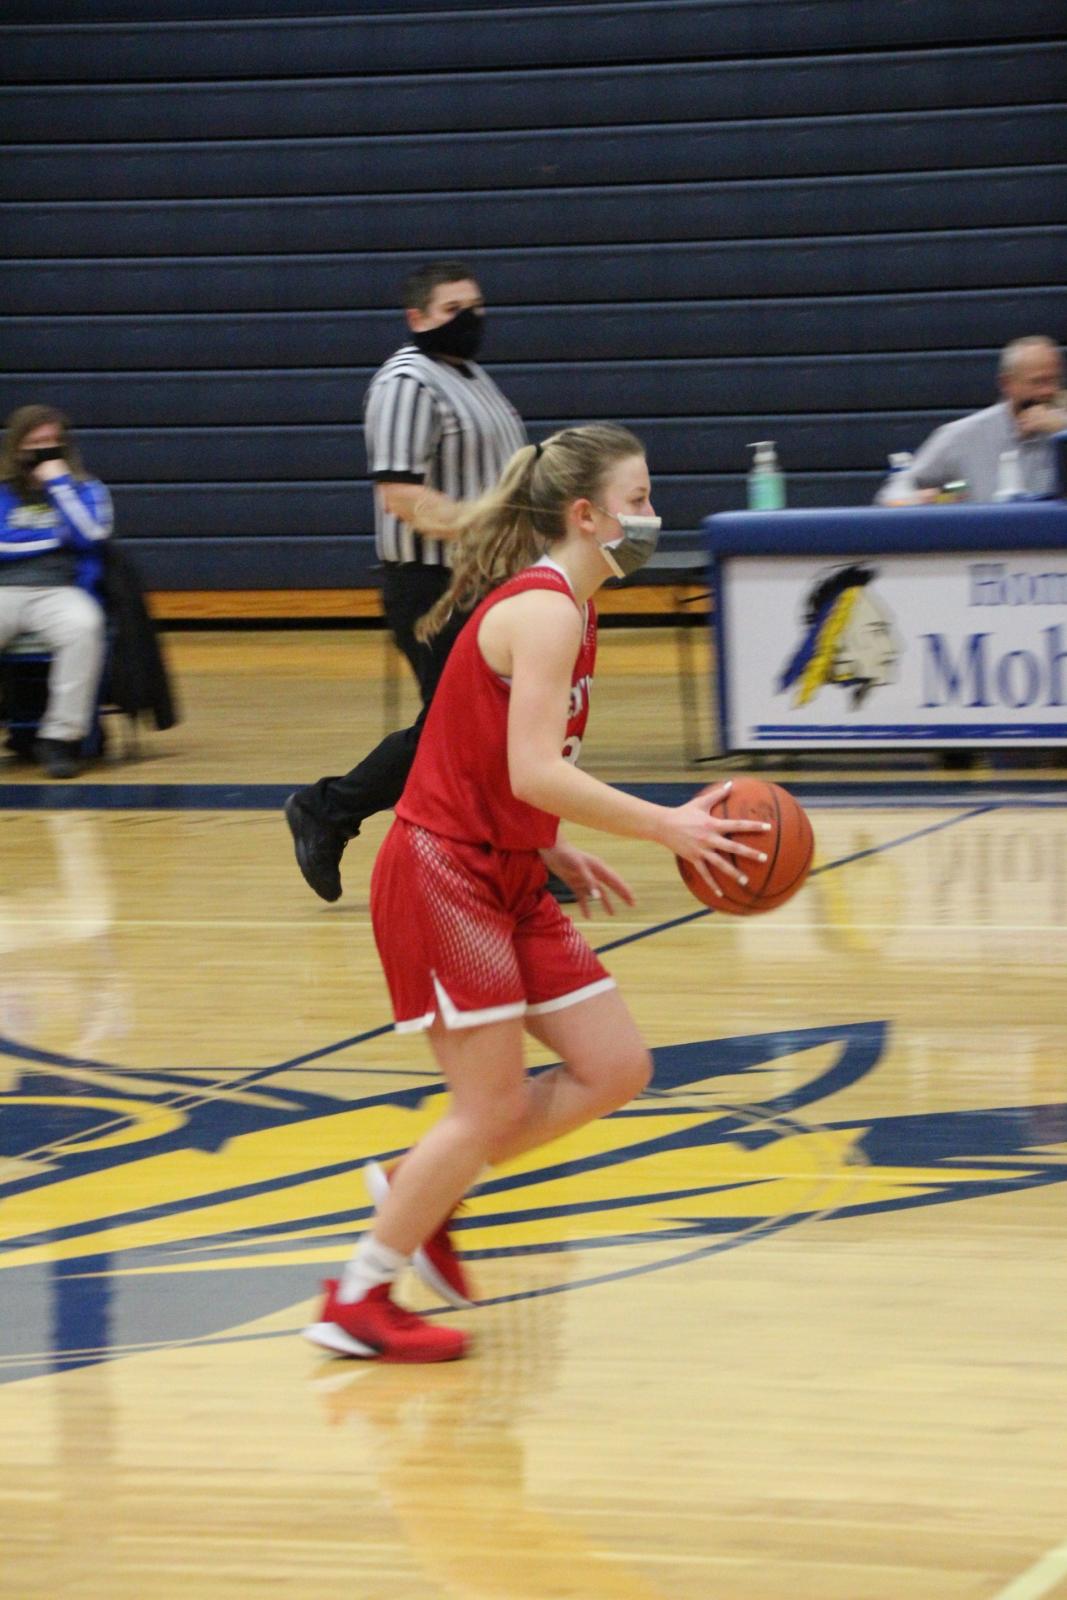 J.V. Girls Basketball vs. Morley Standwood 3-3-21